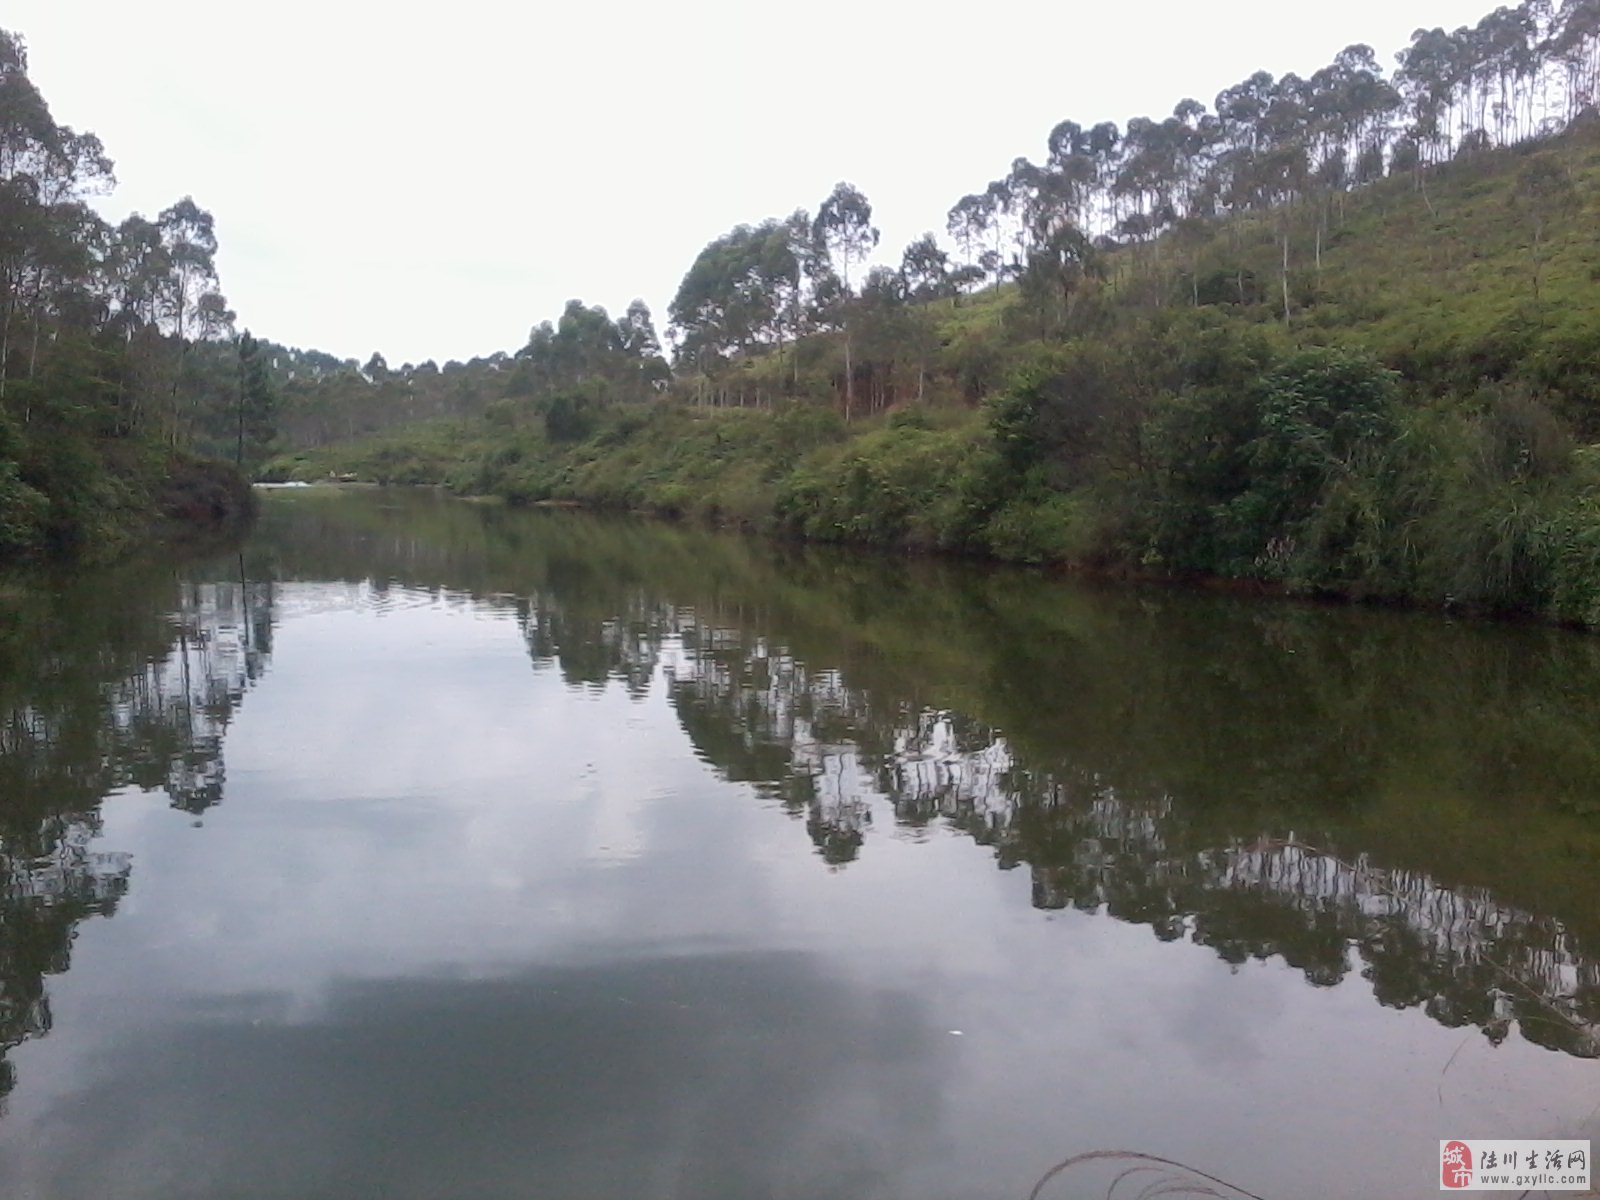 壁纸 风景 山水 摄影 桌面 1600_1200